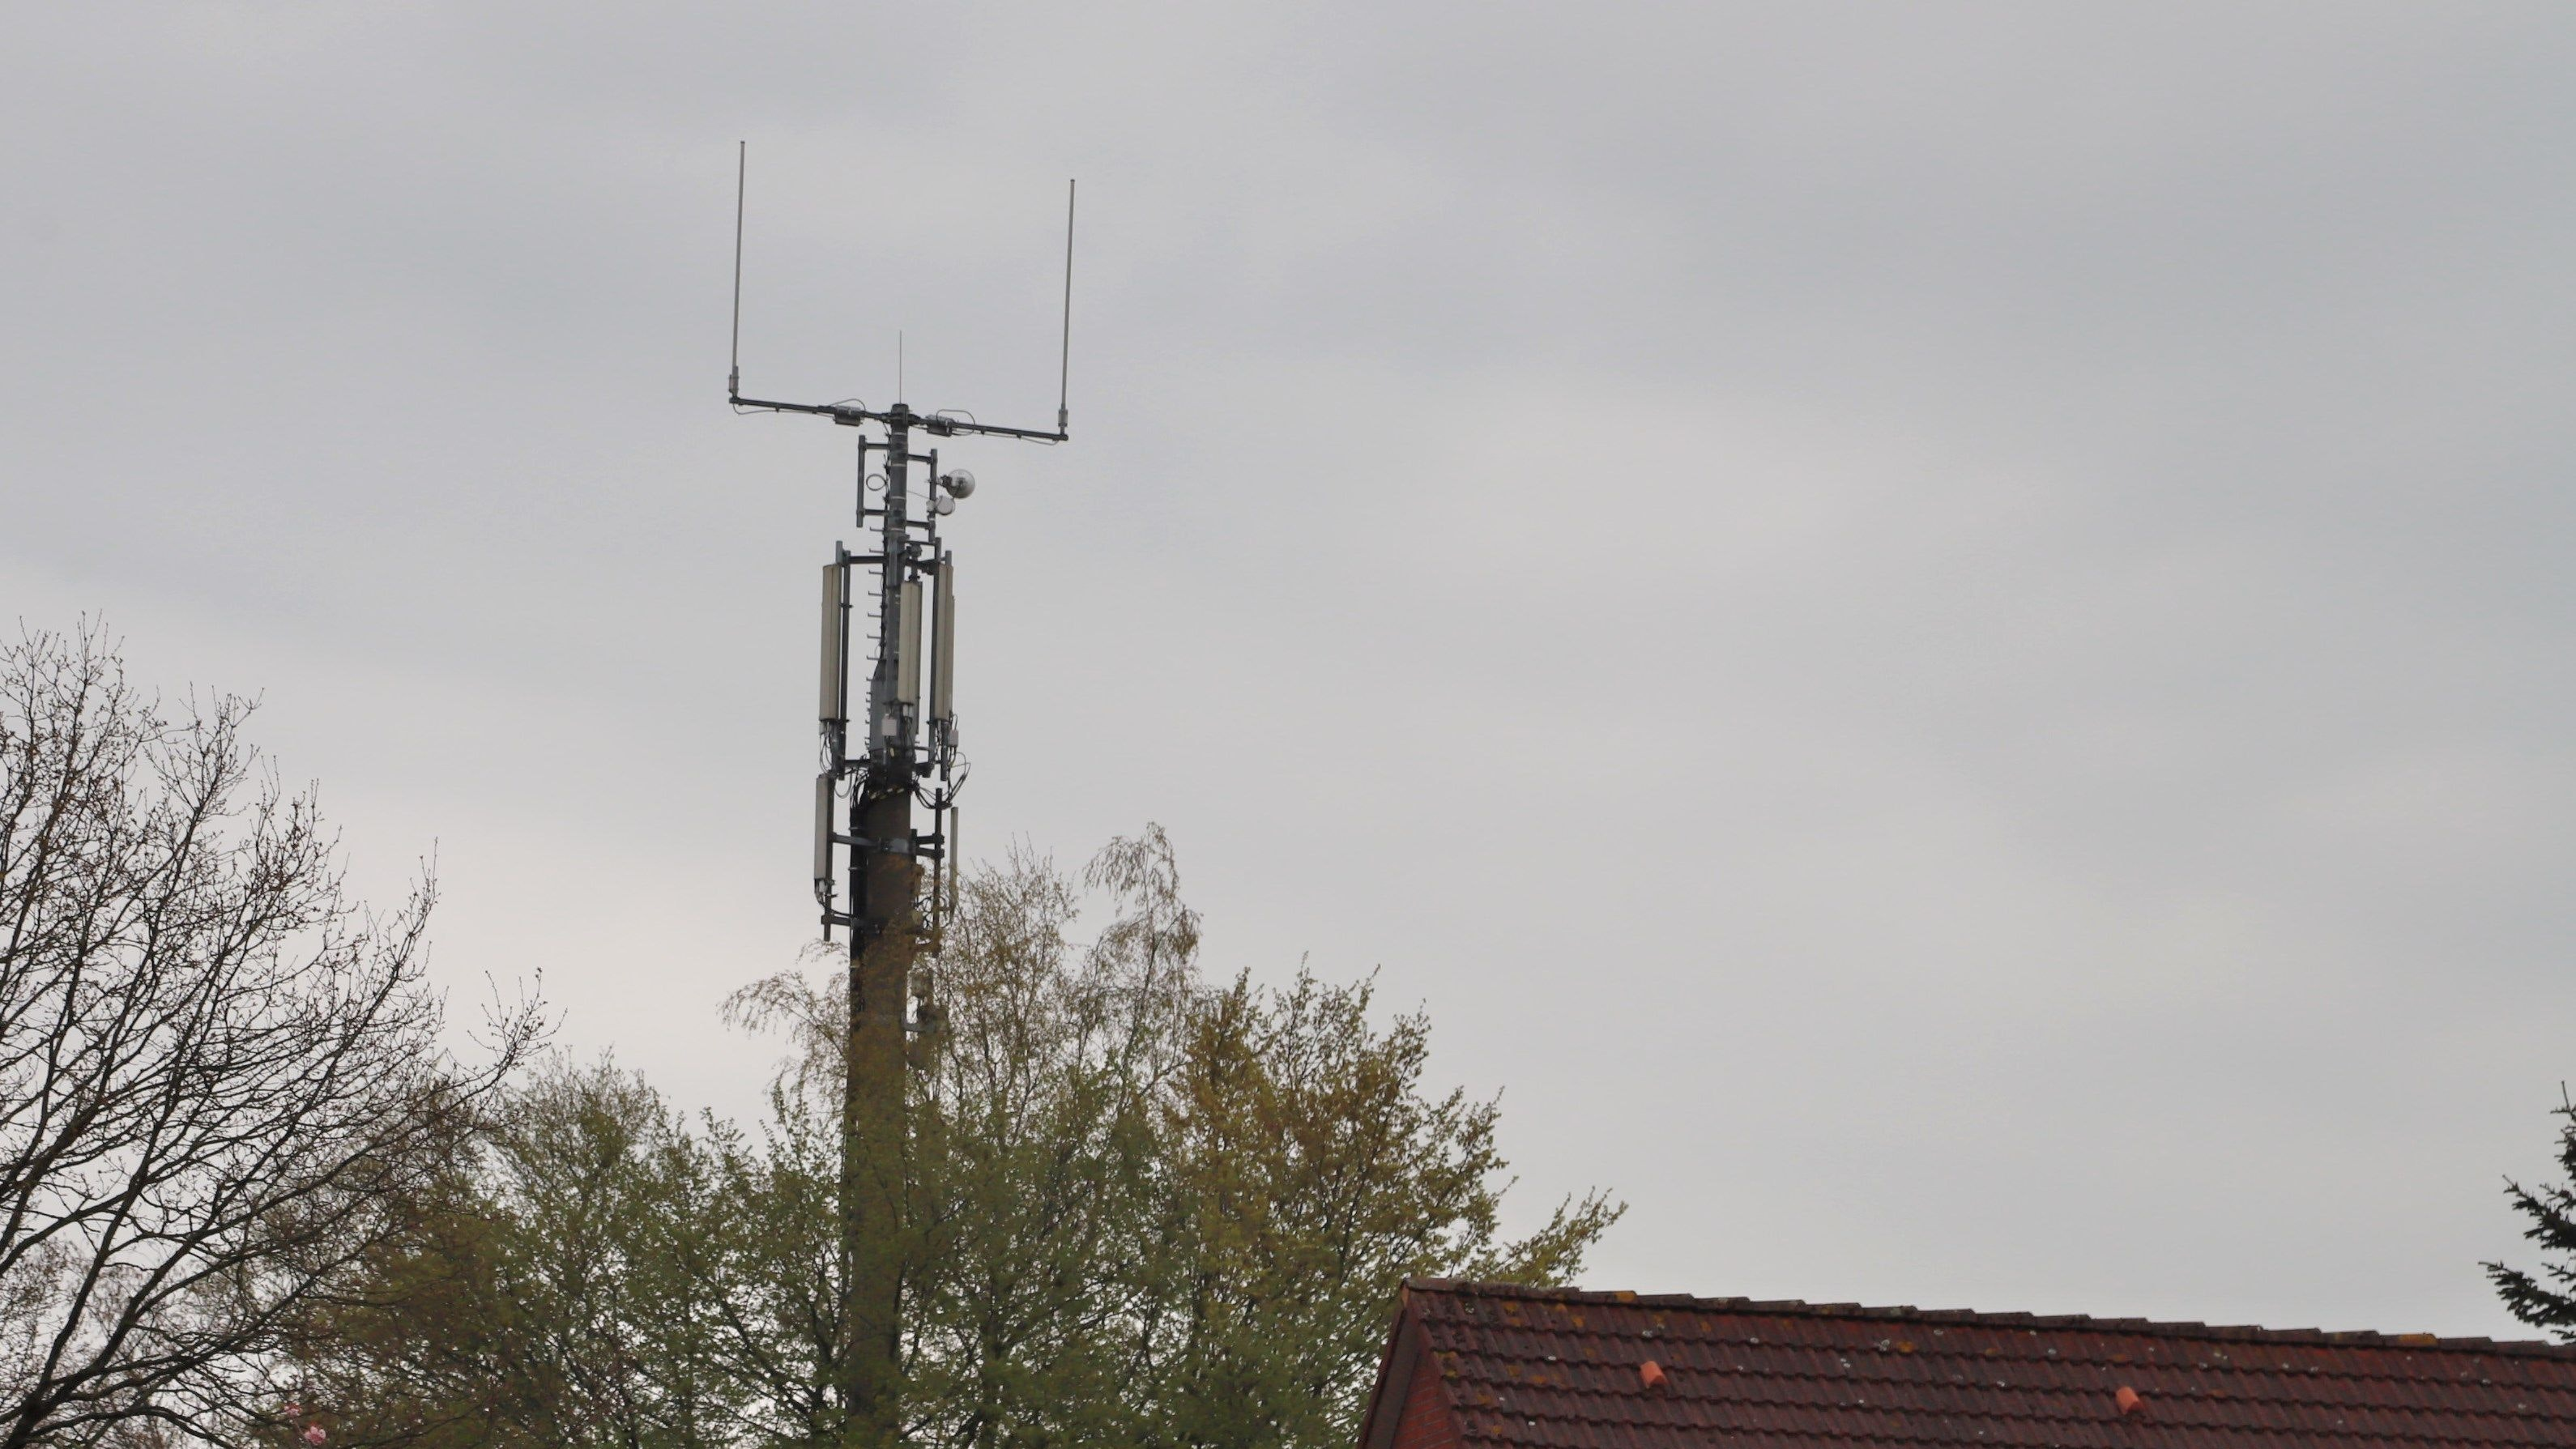 Schnelles Internet: Durch die Aufstellung von Richtfunkmasten treibt Barßel den digitalen Ausbau voran. Foto: Passmann